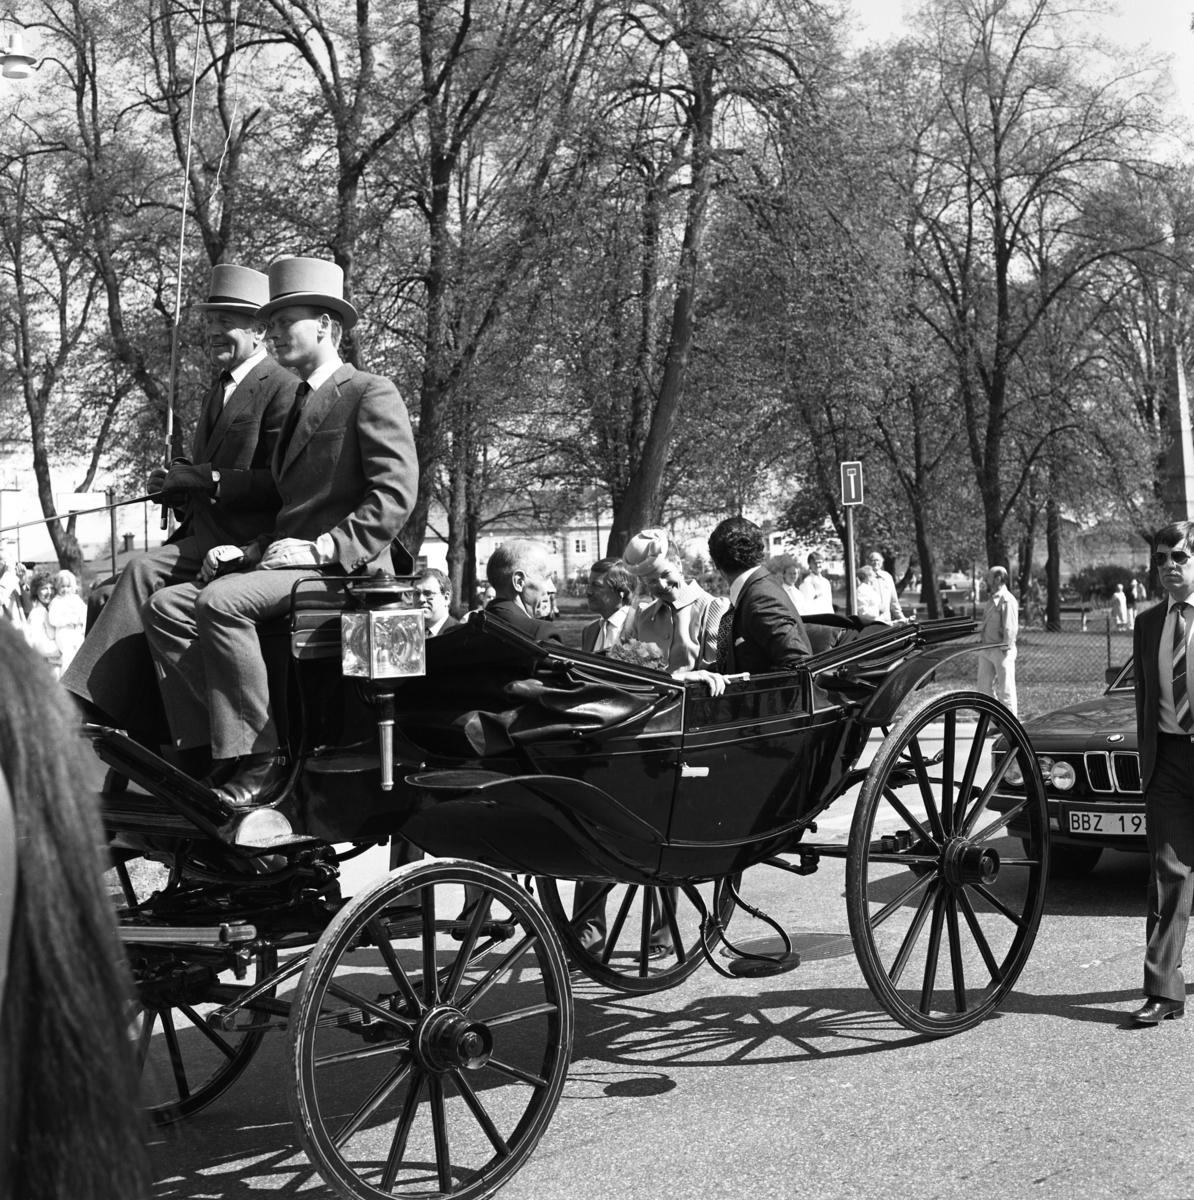 Kungaparet åker häst och vagn tillsammans med Bertil Karlsson. De har just passerat Stureparken (obelisken syns till höger) Två herrar, i höga hattar, sitter på kuskbocken. Av hästen ses endast svansen.